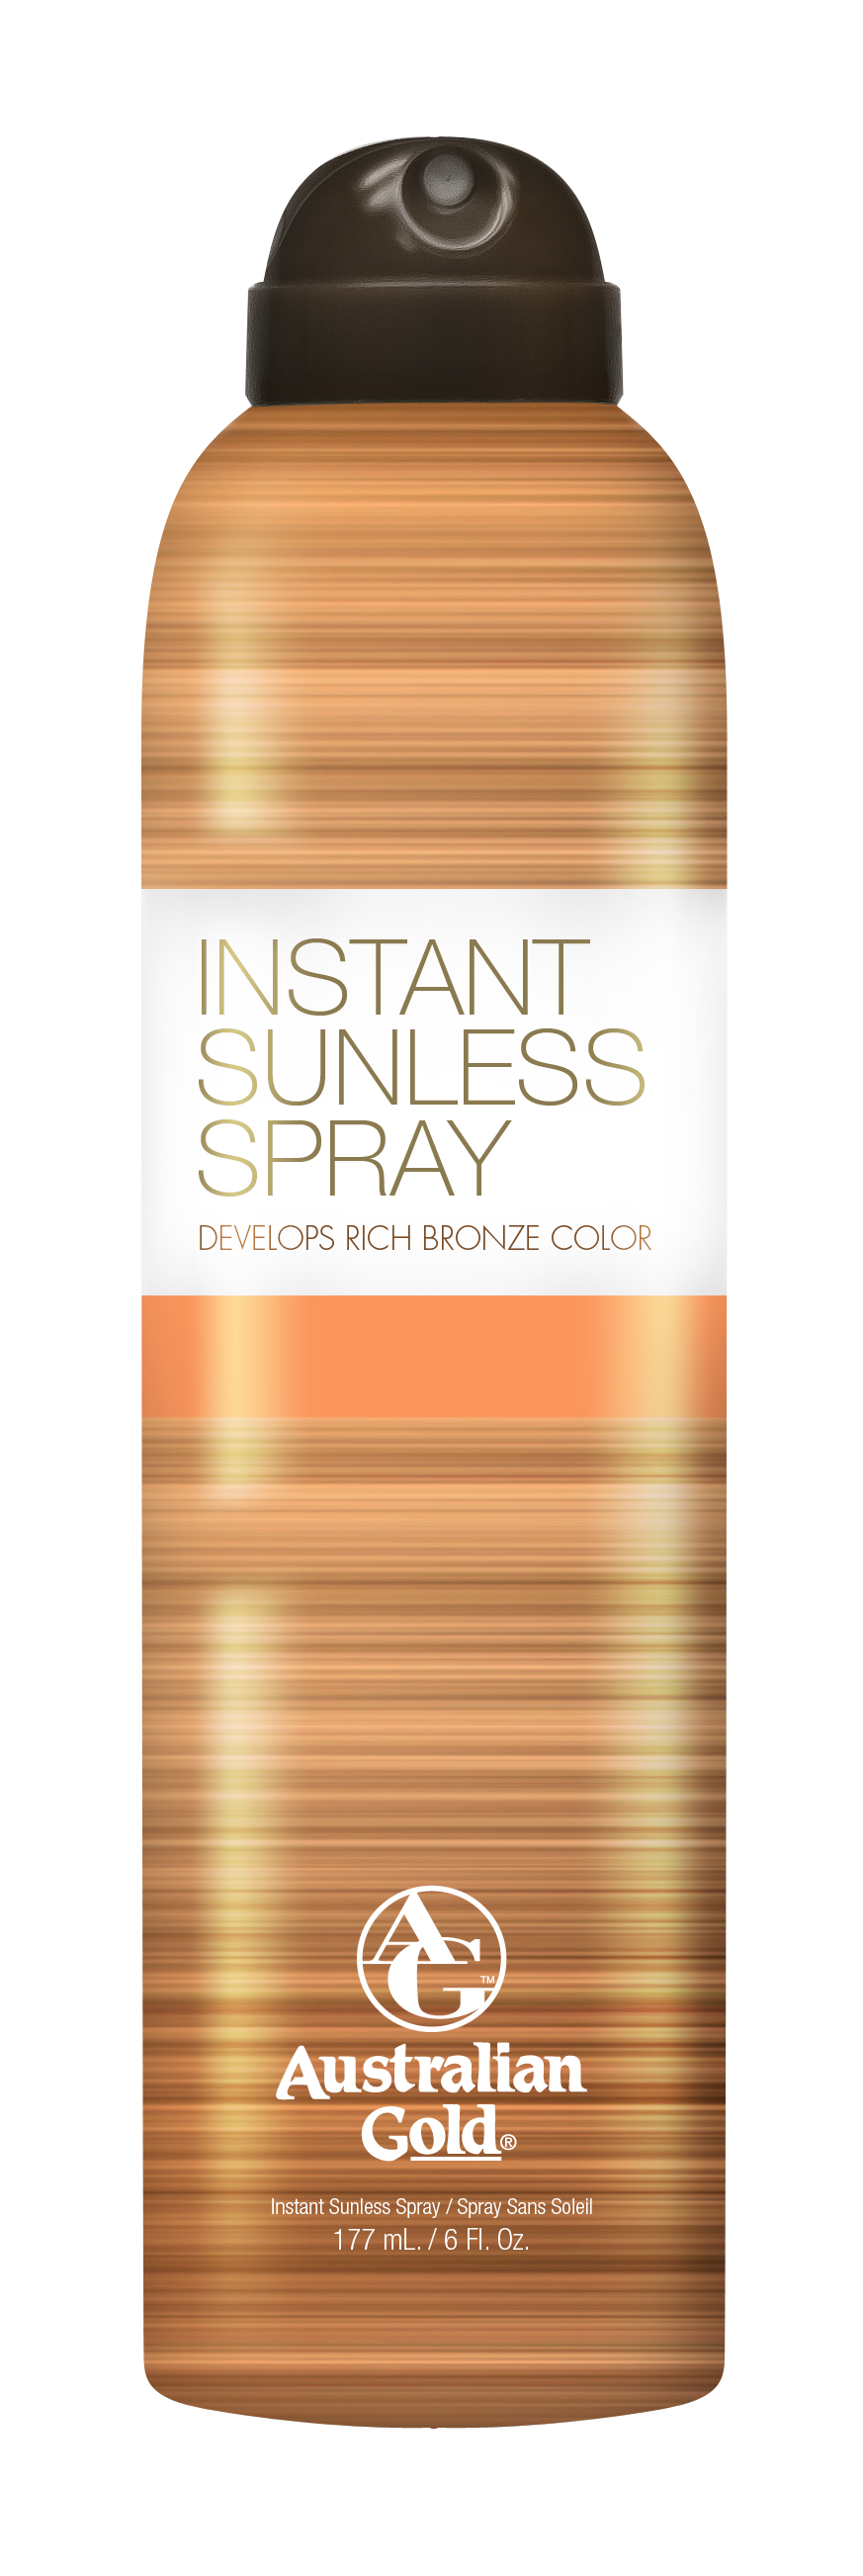 Australian Gold - Instant Sunless Spray 177 ml